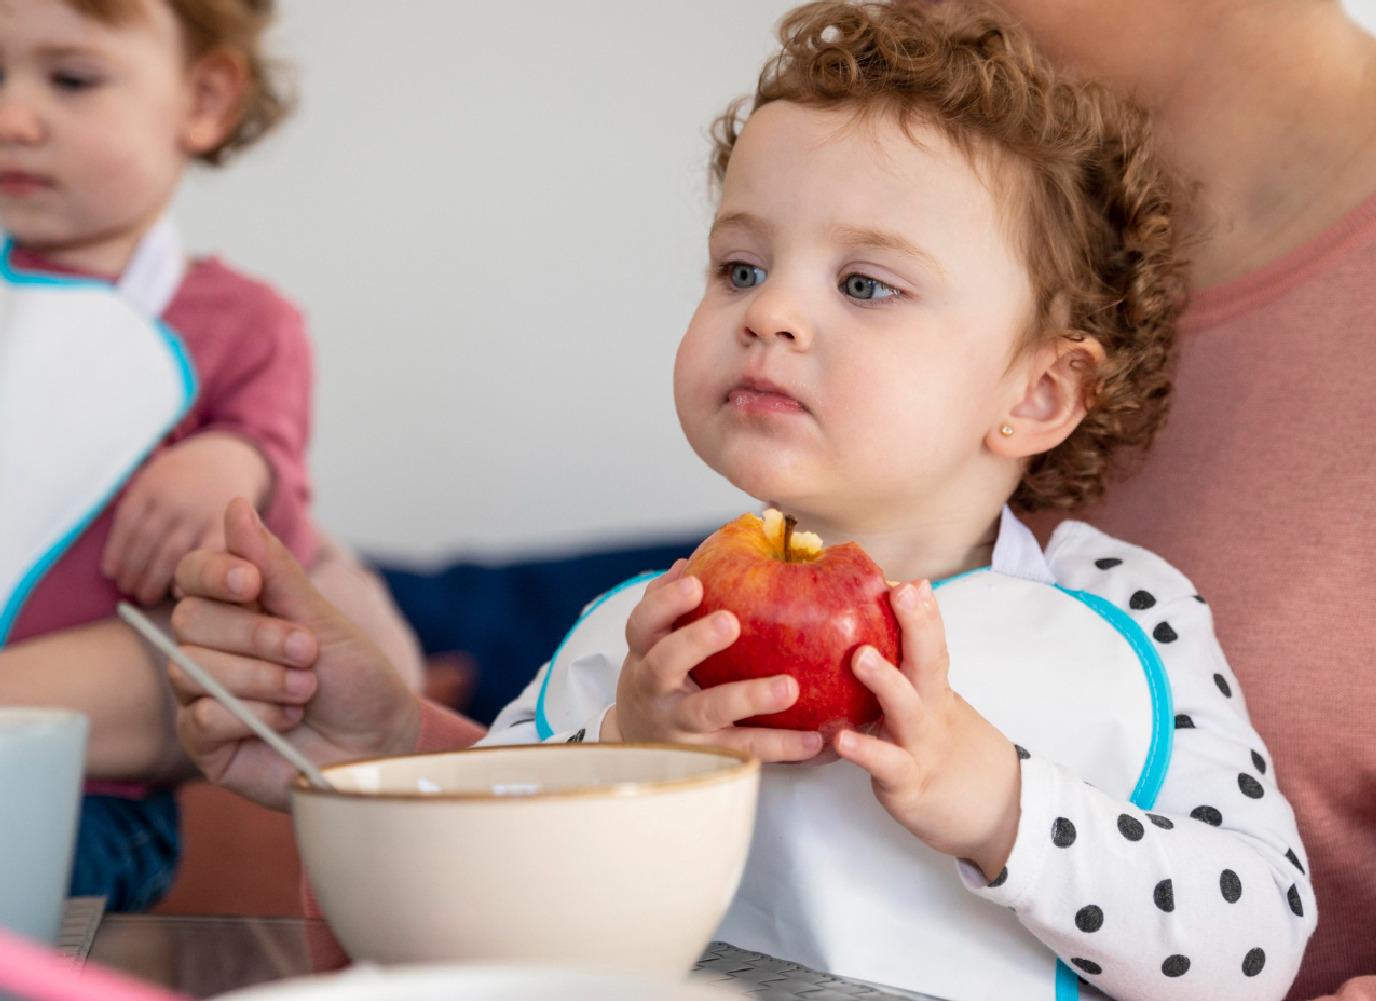 Bỏ túi thực đơn cho bé 1 tuổi giúp con phát triển toàn diện